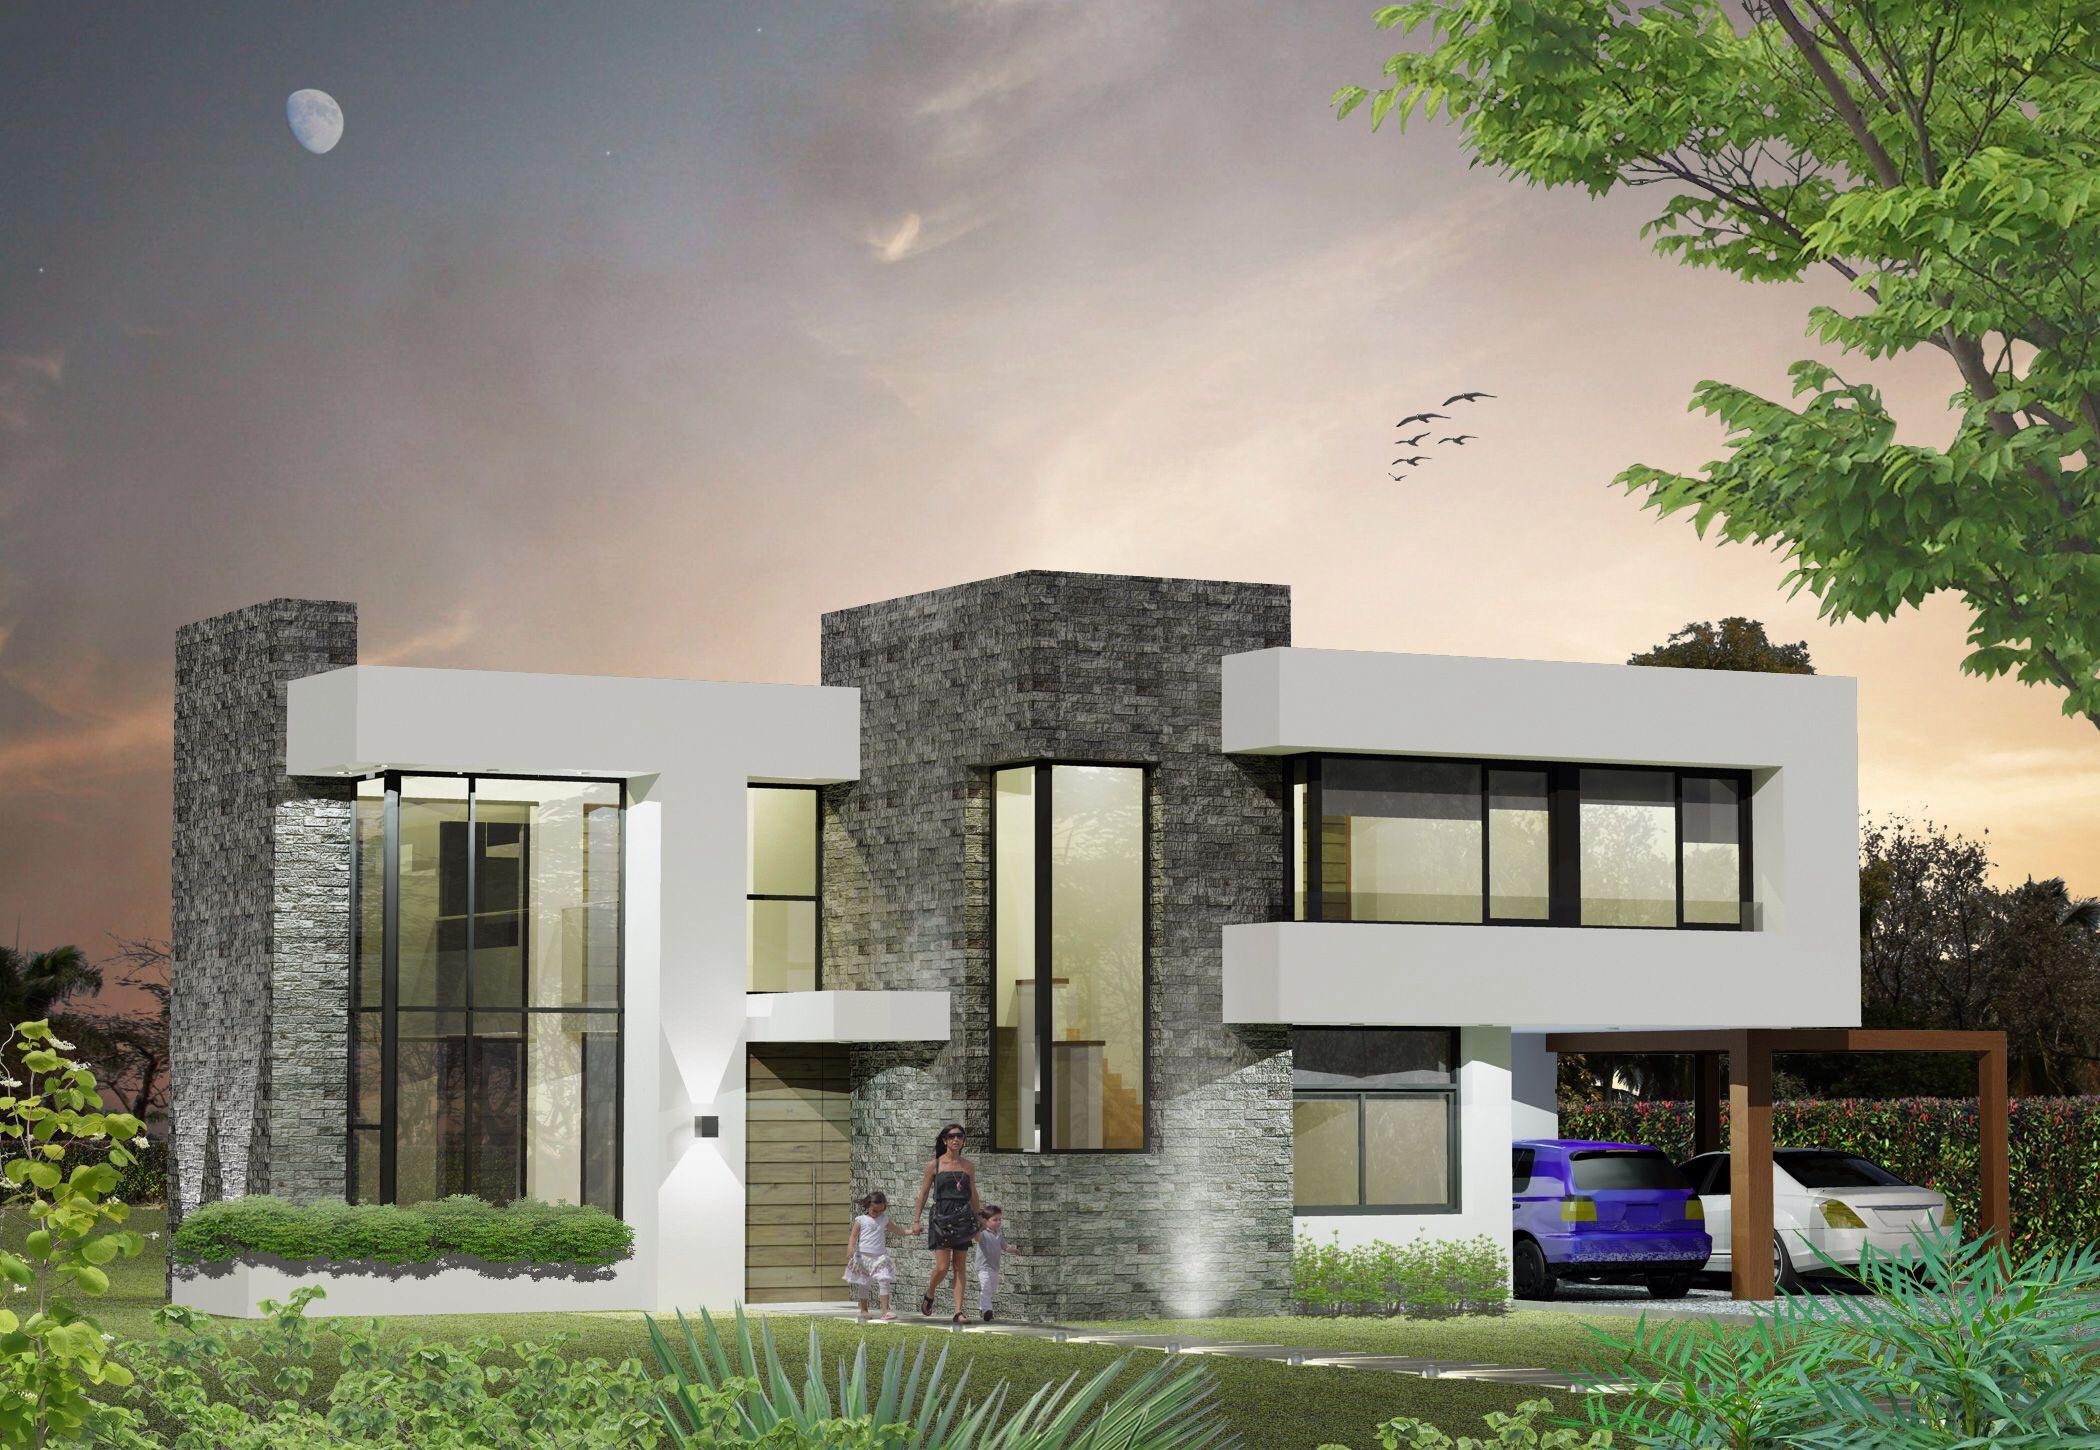 Arquitectura contempor nea moderna uruguay bazzurro arquitectos fachadas pinterest uruguay - Arquitectos casas modernas ...